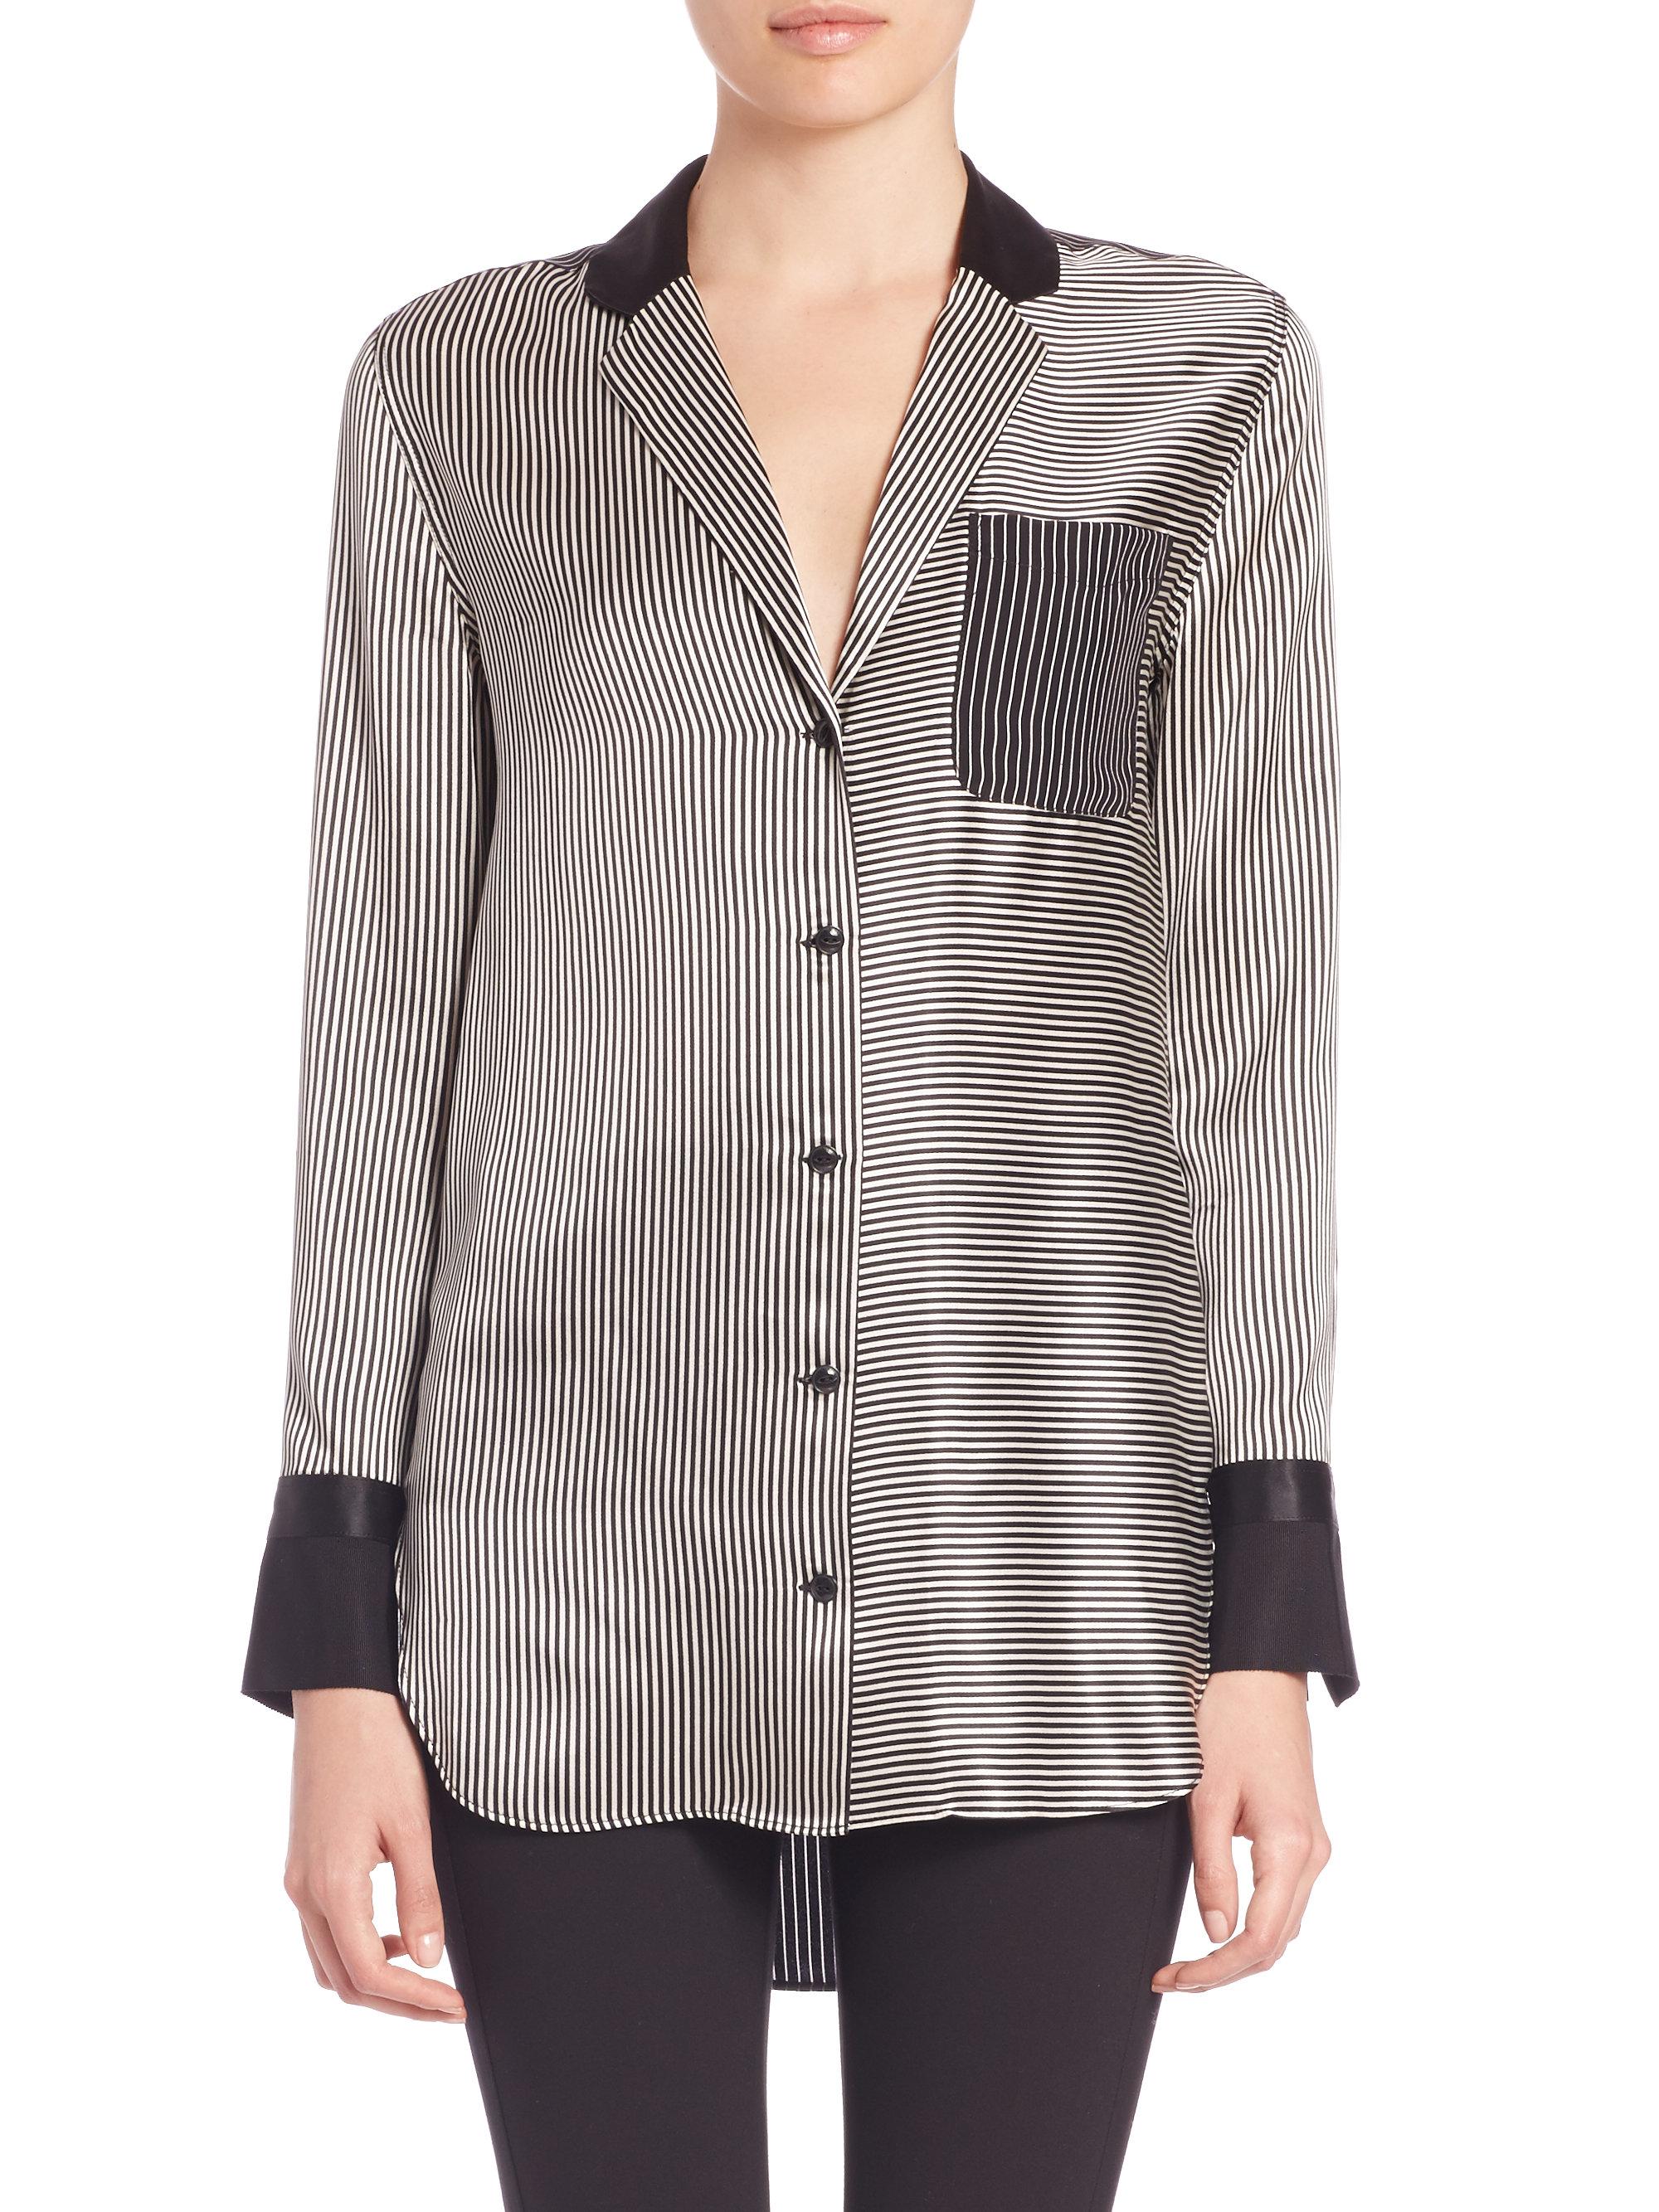 Rag & Bone Silk Button-Up Top Clearance Best Seller Fb3wIsZvN9